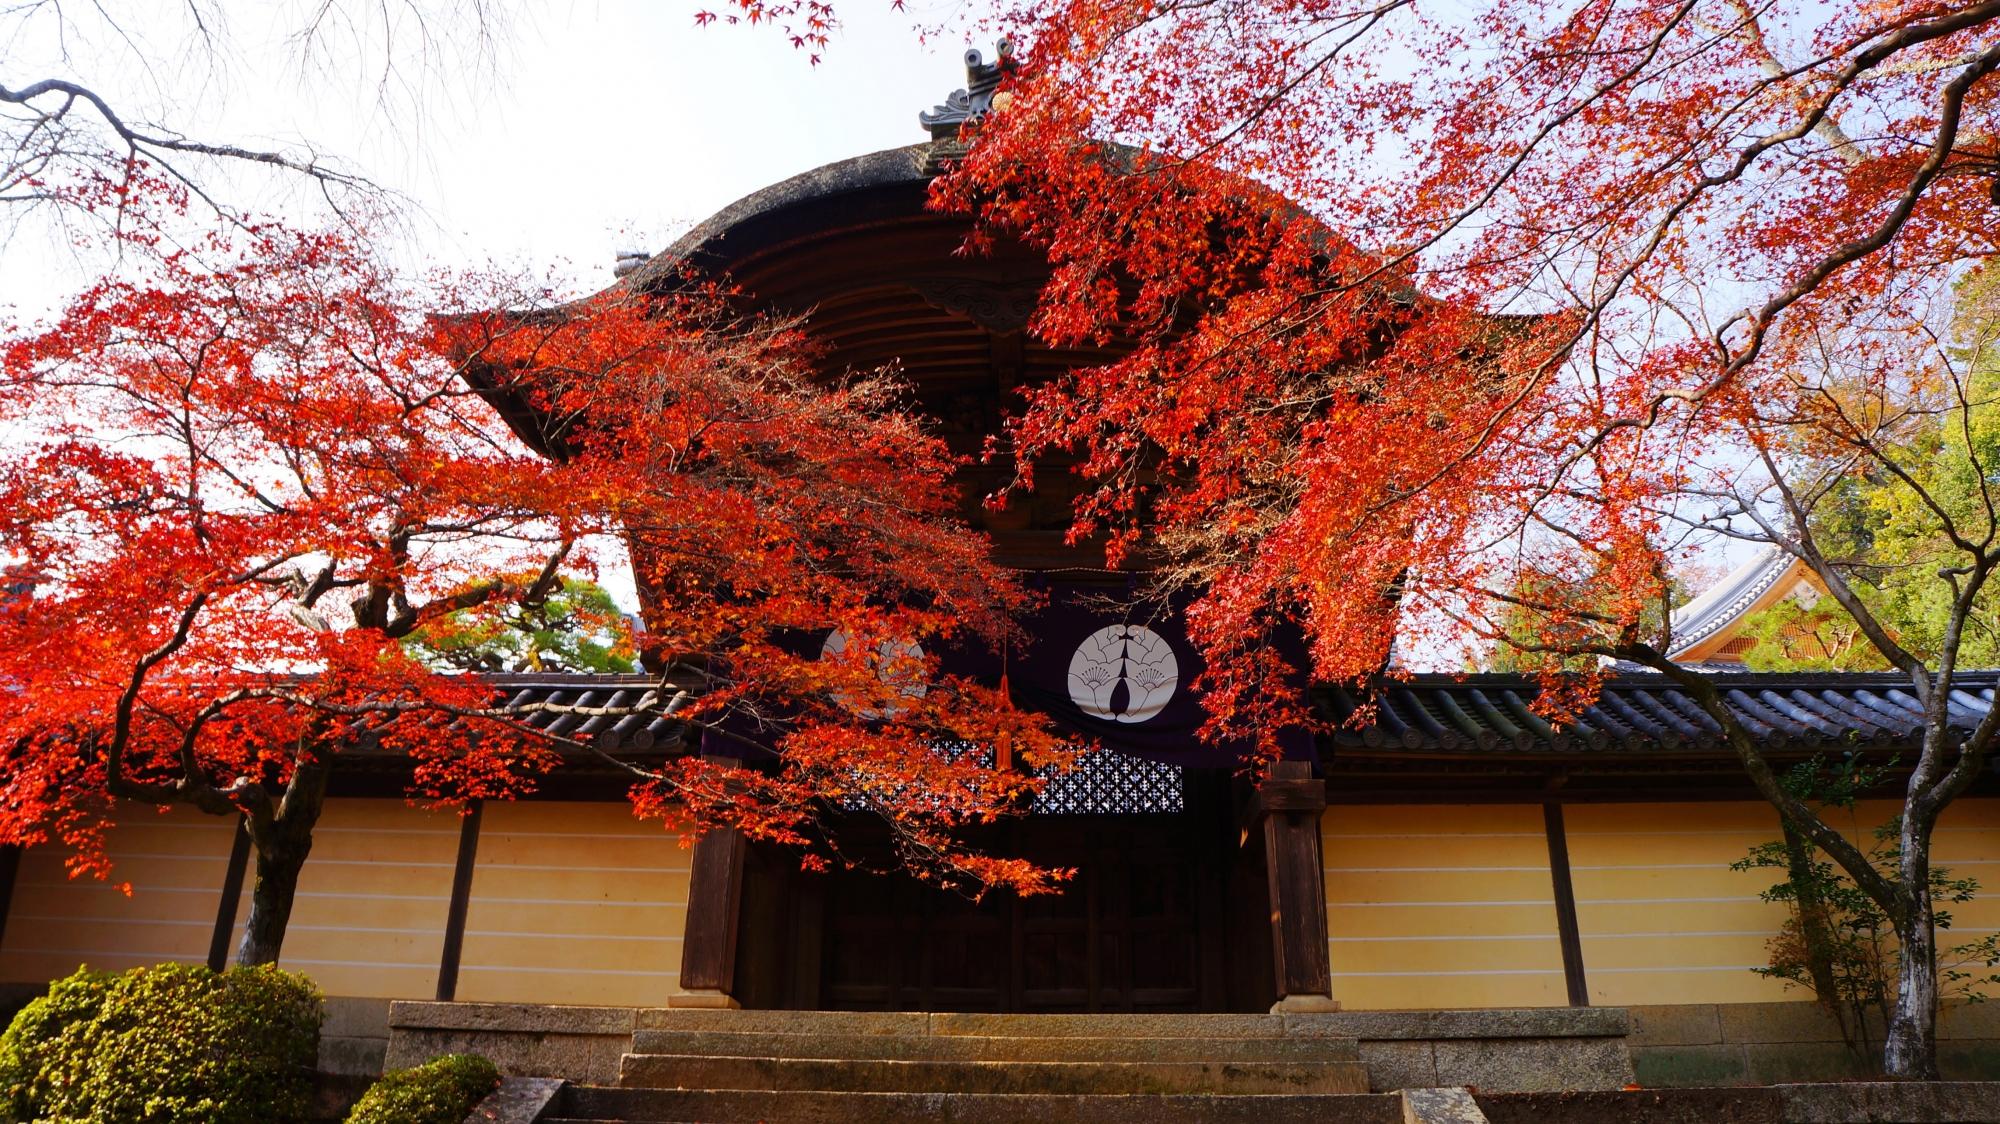 光明寺の勅使門と鮮やかで繊細な紅葉